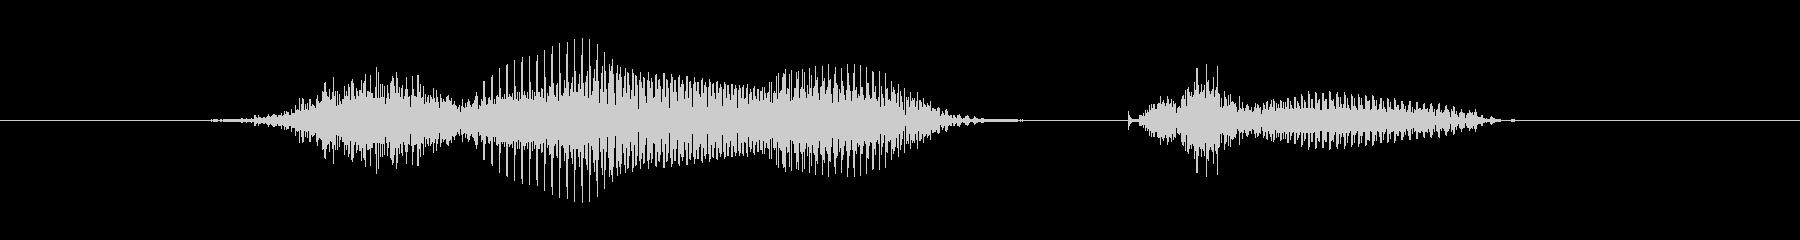 4月(4月・四月)の未再生の波形